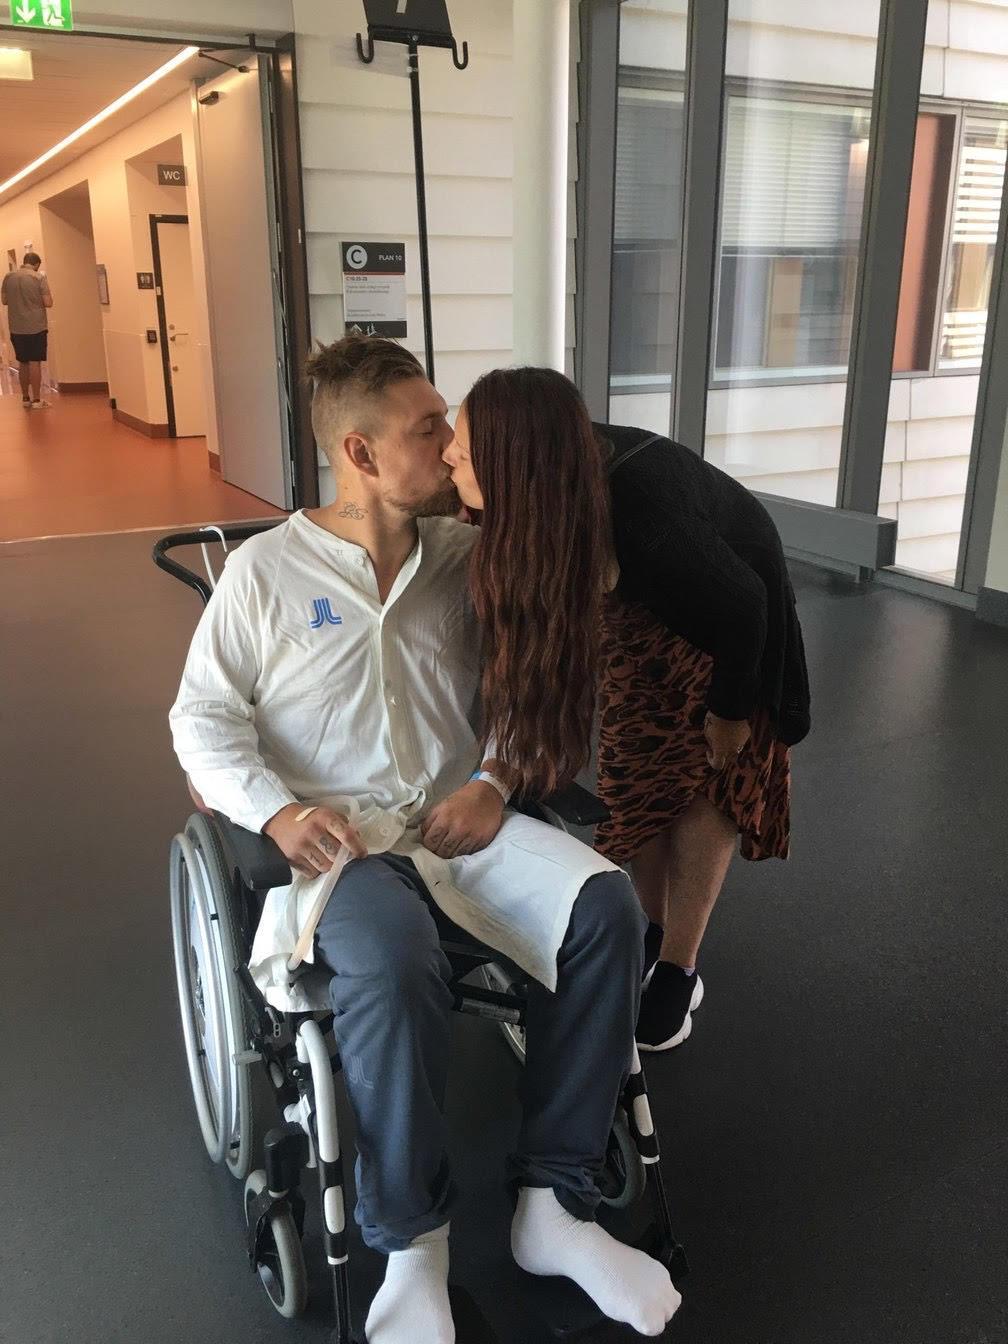 Glenn och sambon Caszandra på sjukhuset. De längtar tills Glenn får komma hem till familjen igen.